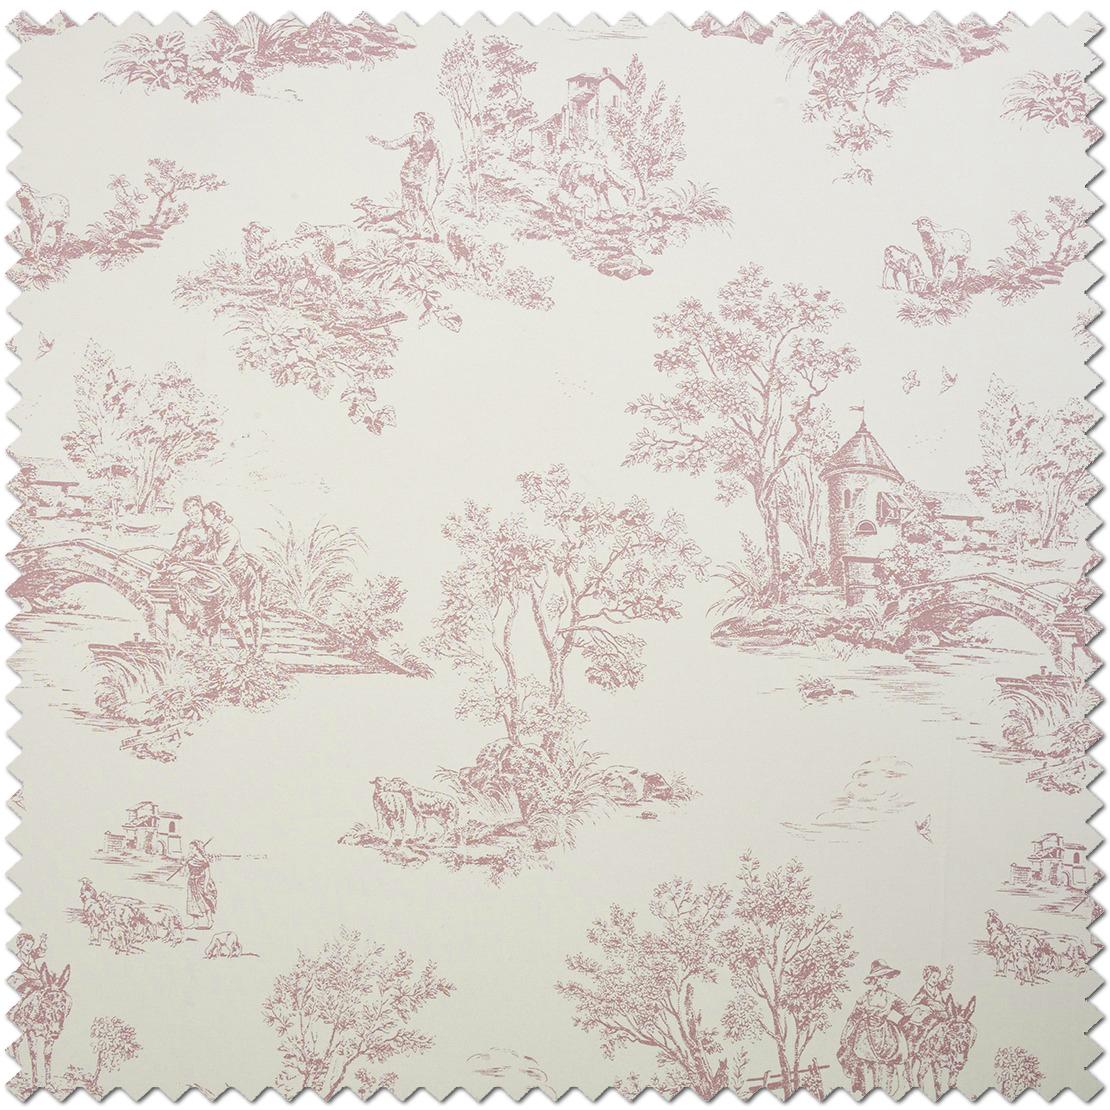 Tissu Toile de jouy rose - Collection Chantilly de Casadéco